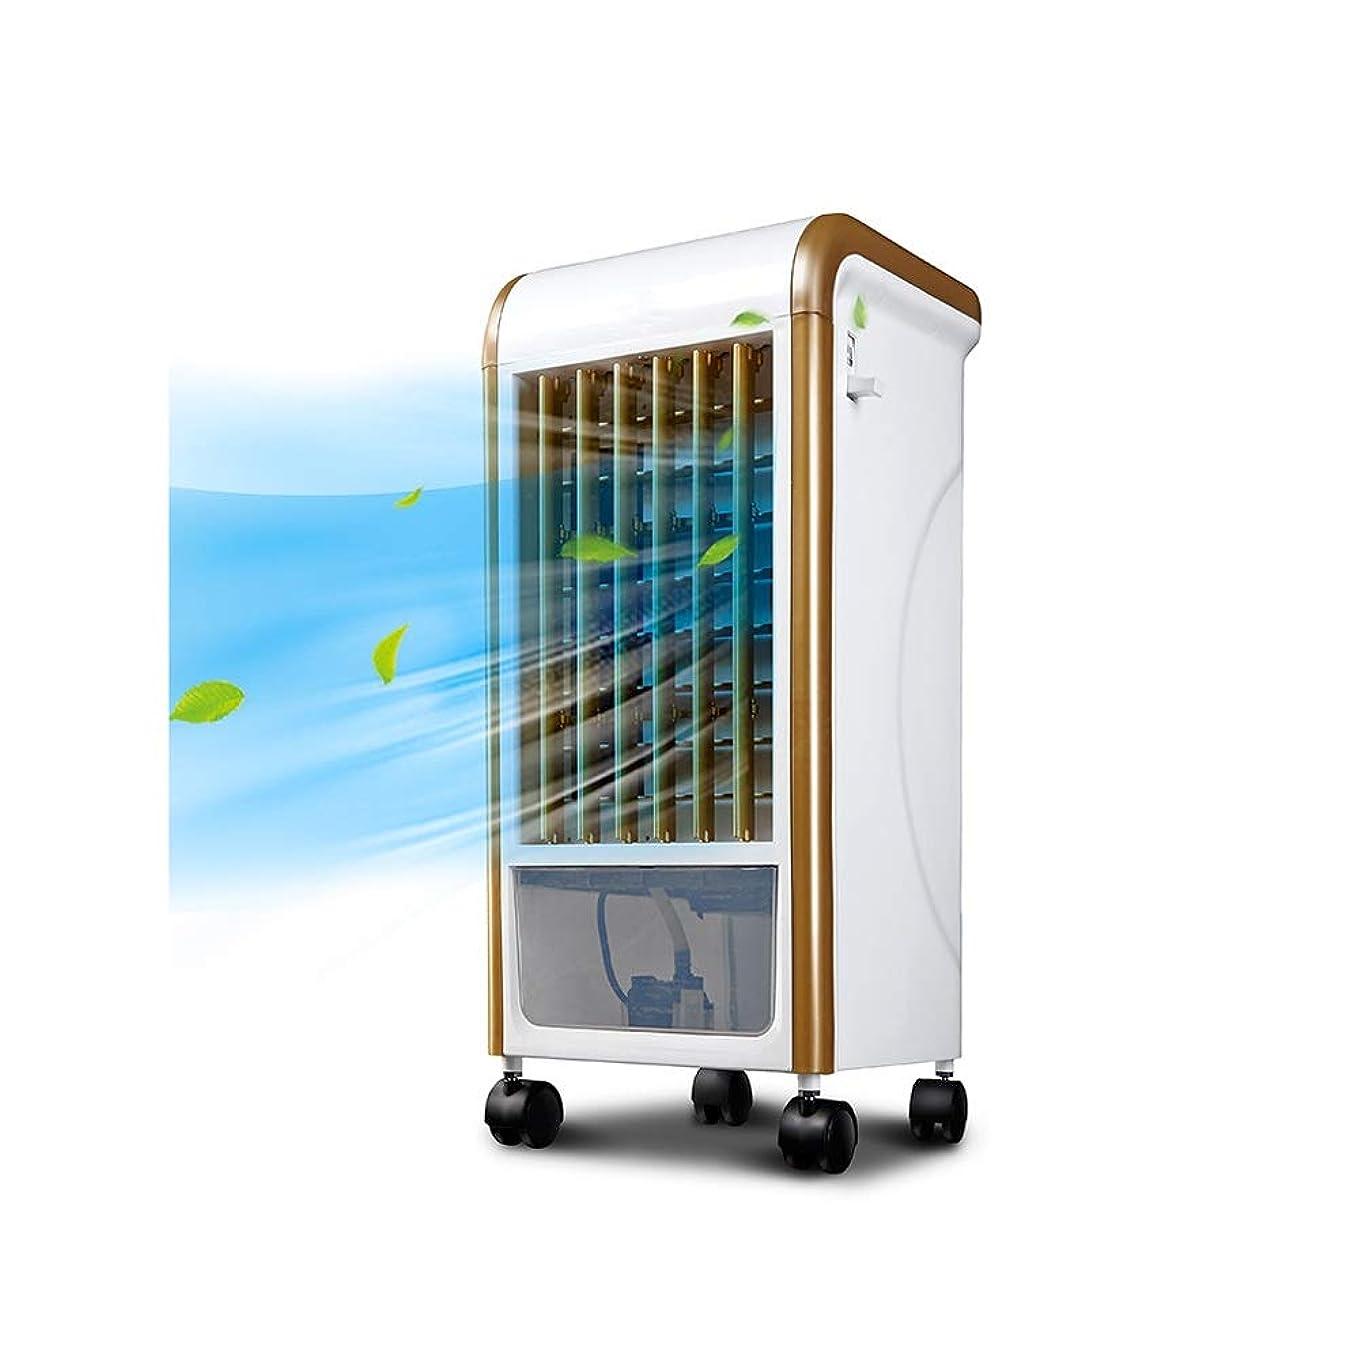 に対処する仮説軽蔑LPD-冷風機 エアコンポータブル蒸発塔ファンエアクーラーモバイルエアコン大型水槽暖かくてクール